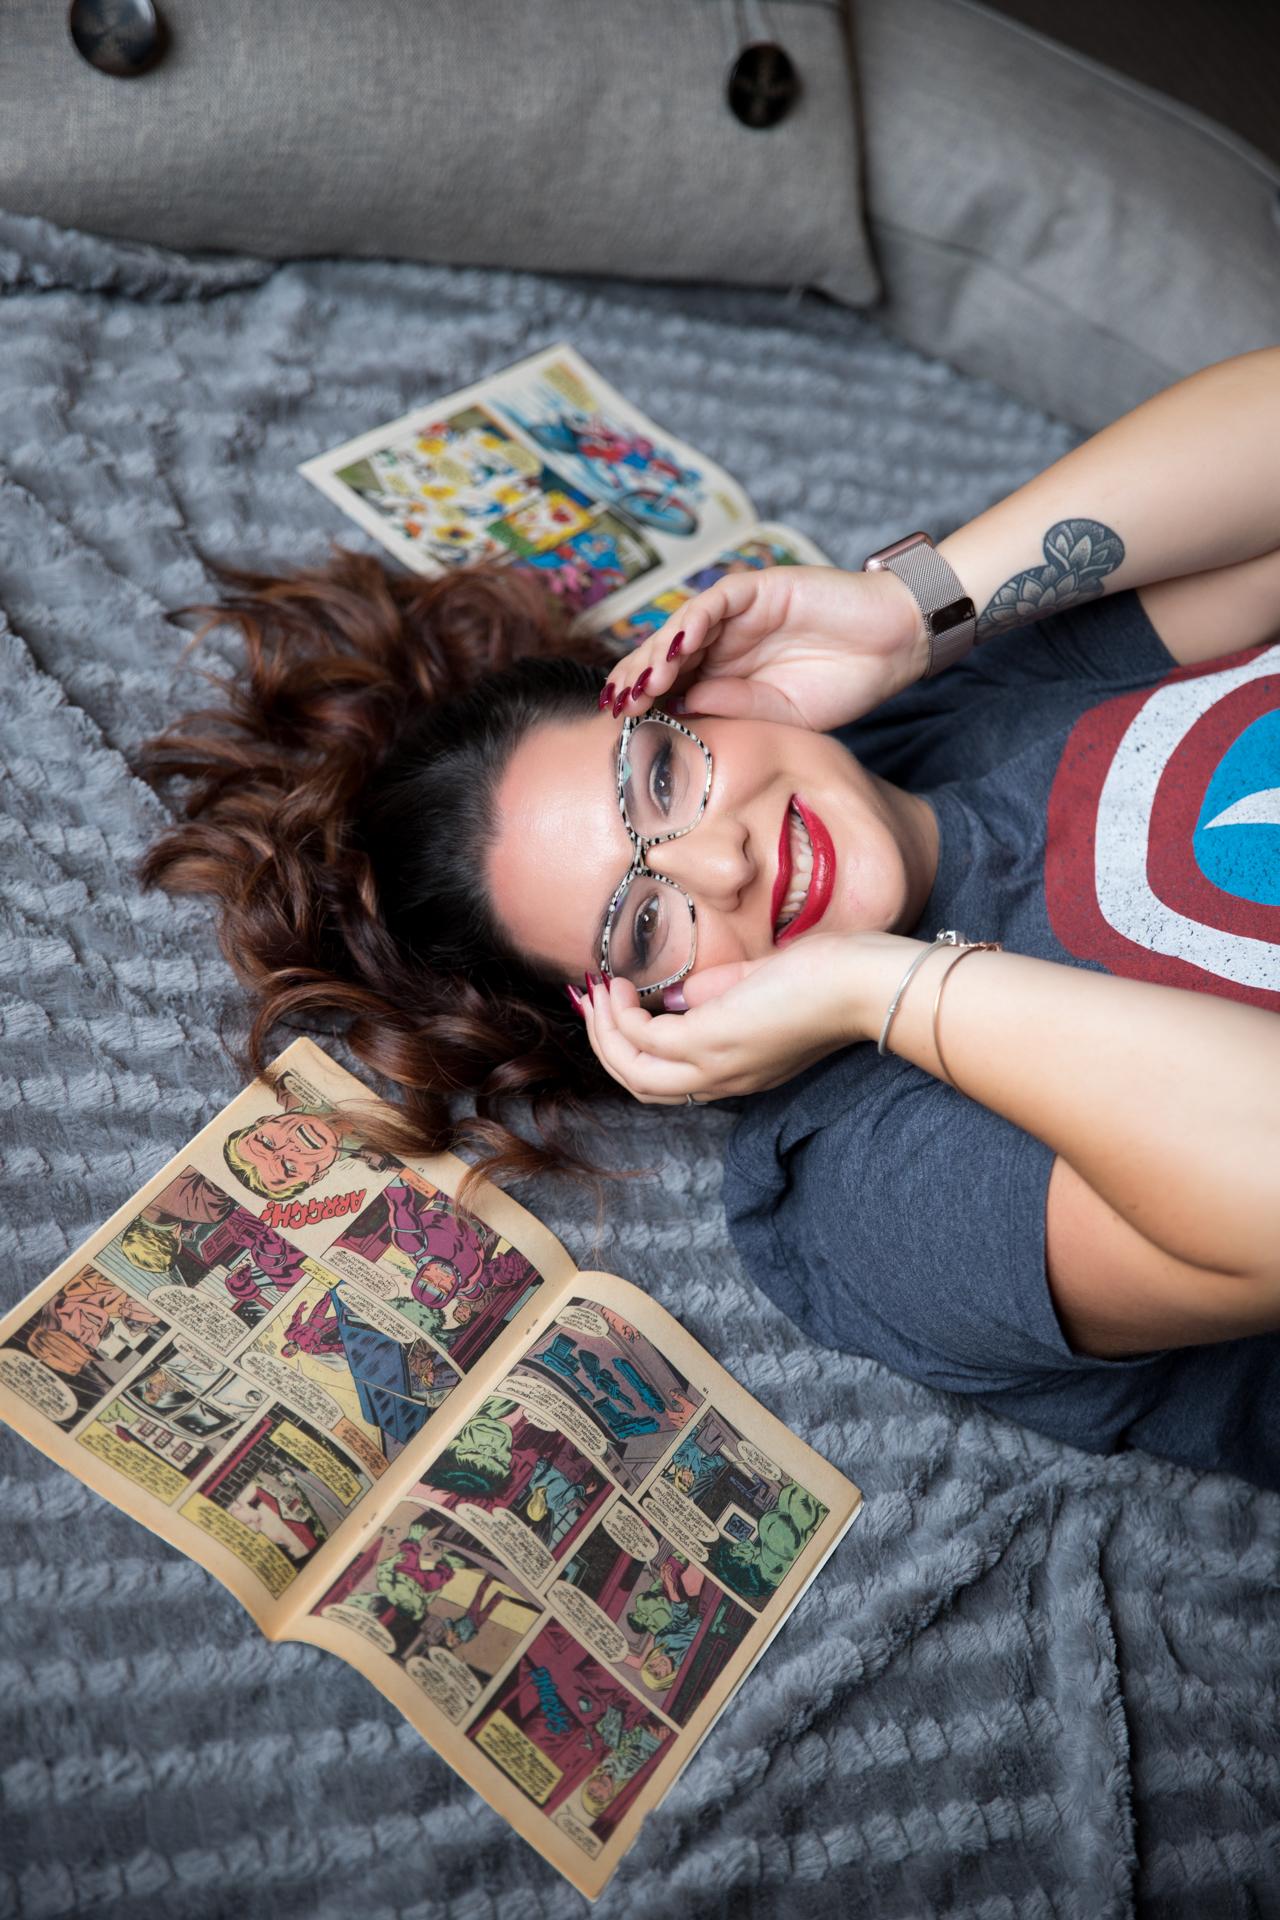 comic-book-captain-america-sexy-boudoir